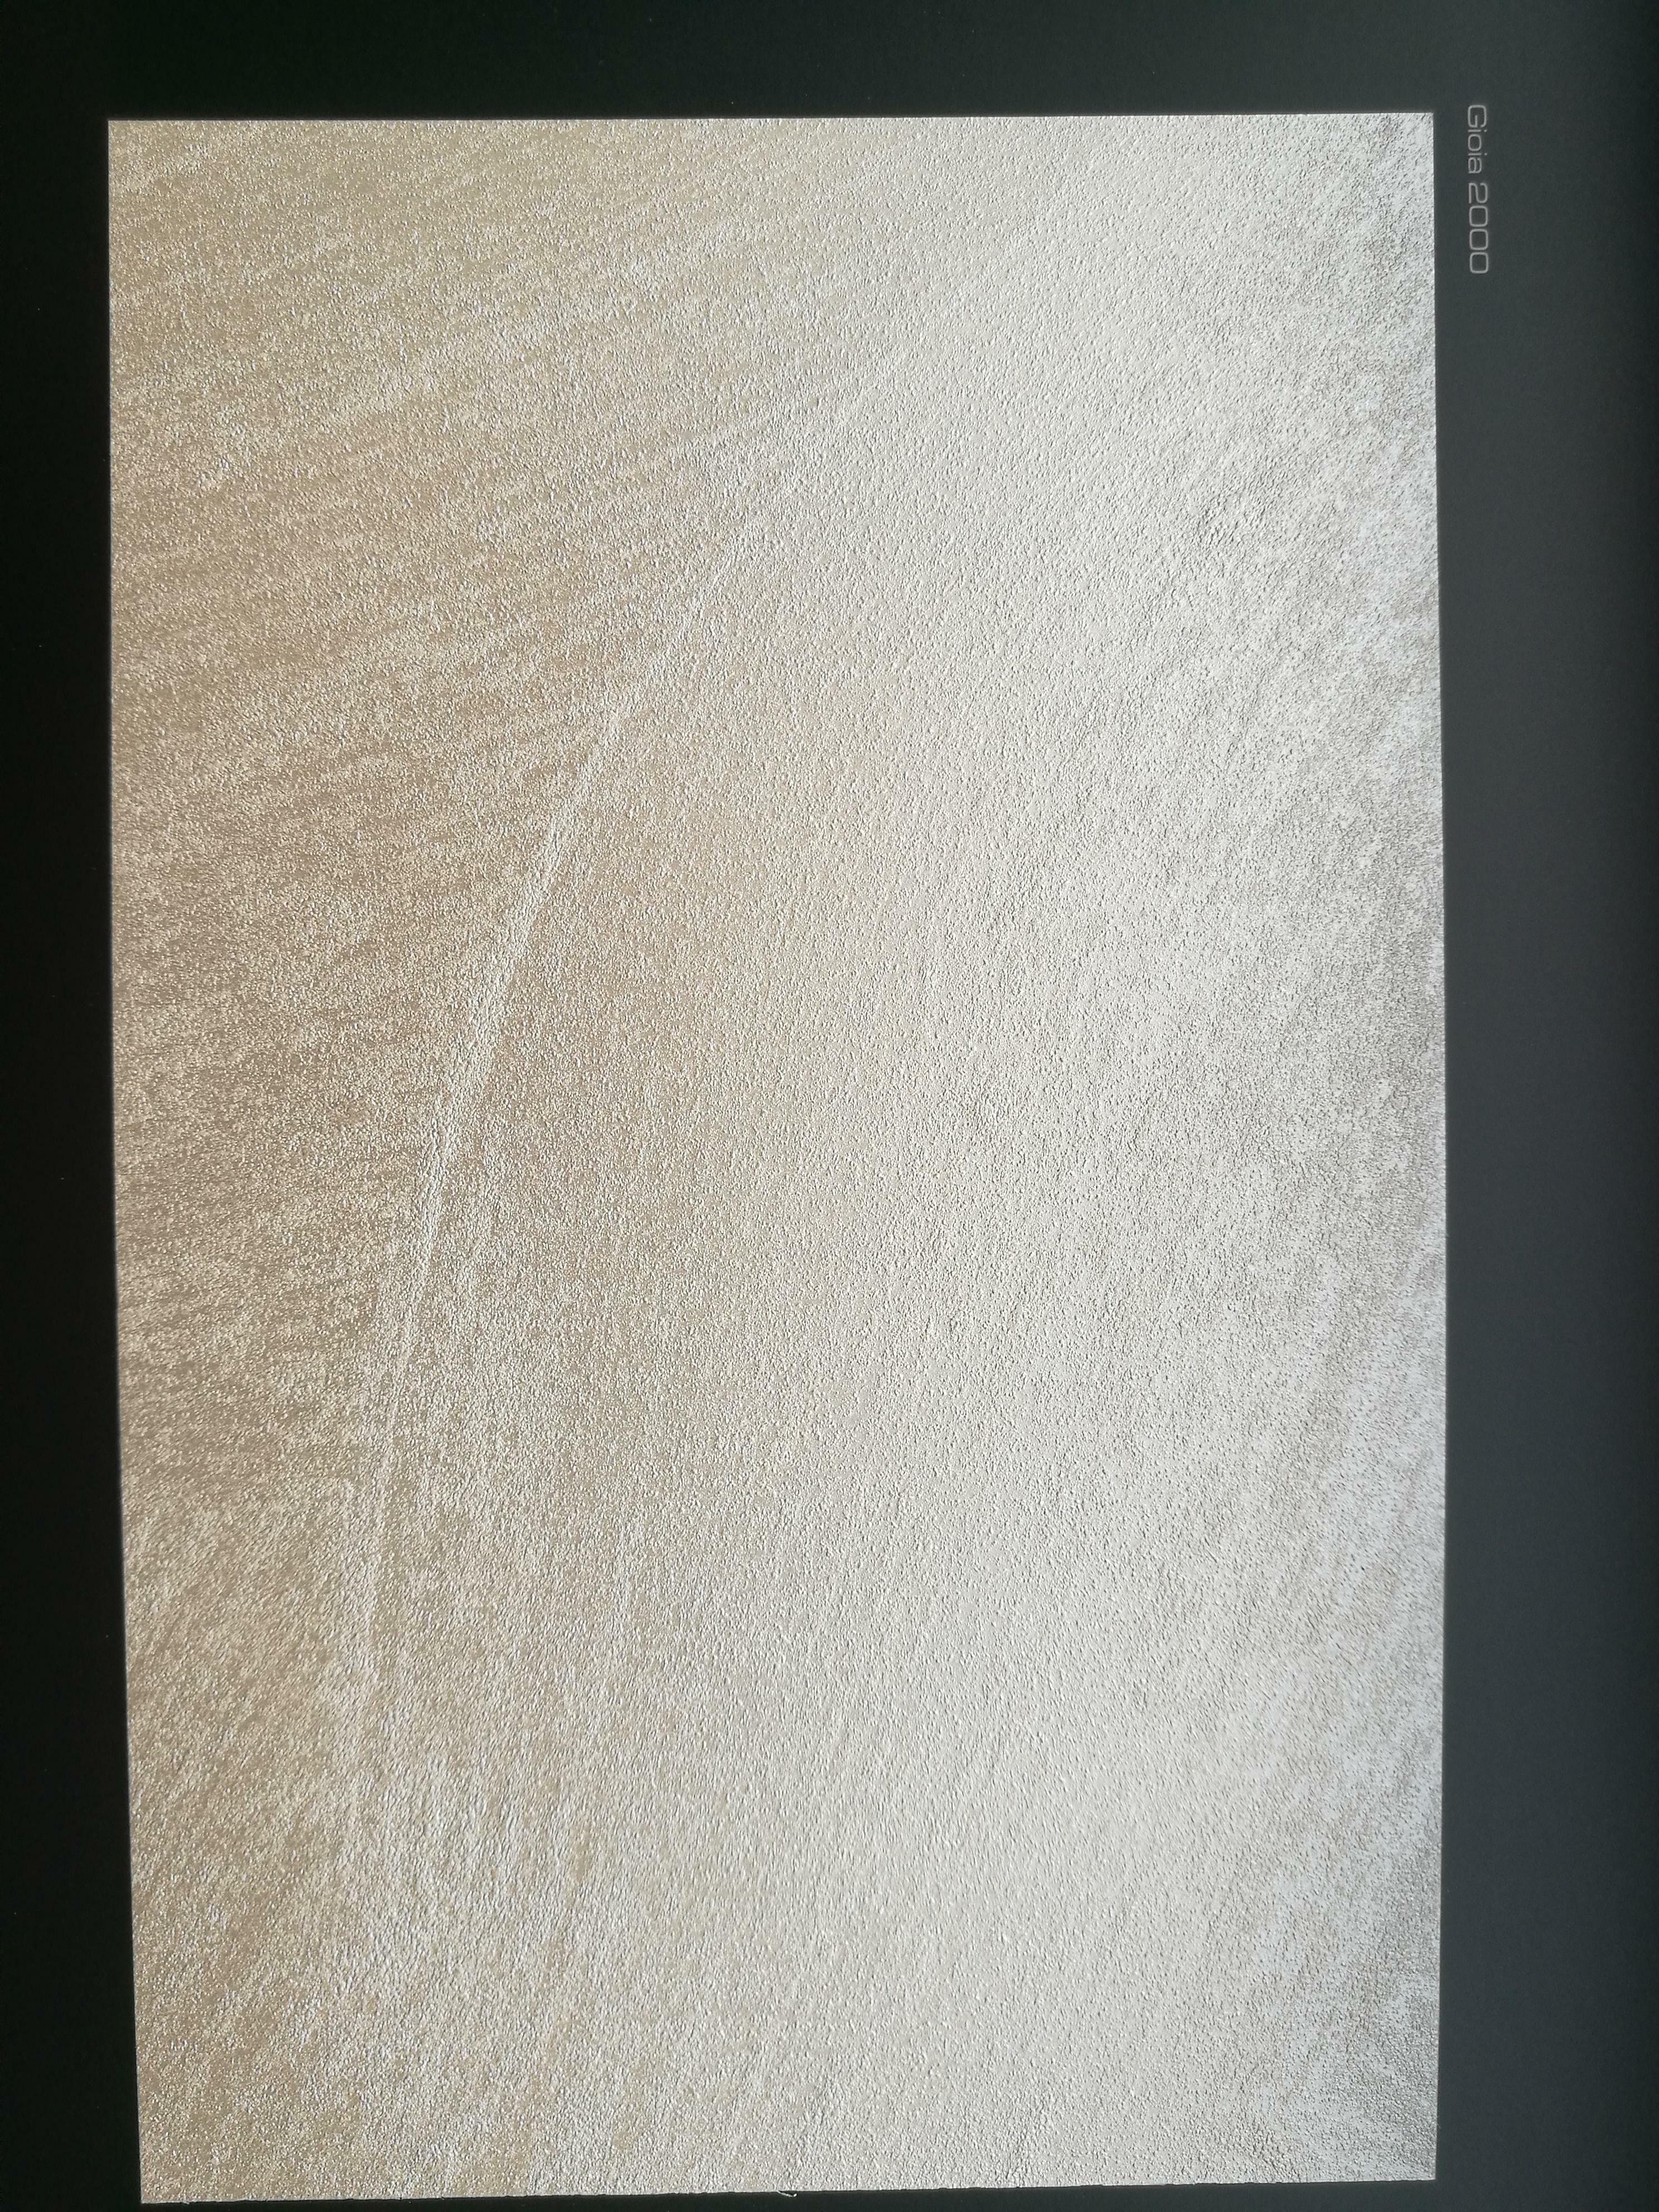 graesan graesan colore e gioia 1 lt pittura decorativa perlescente